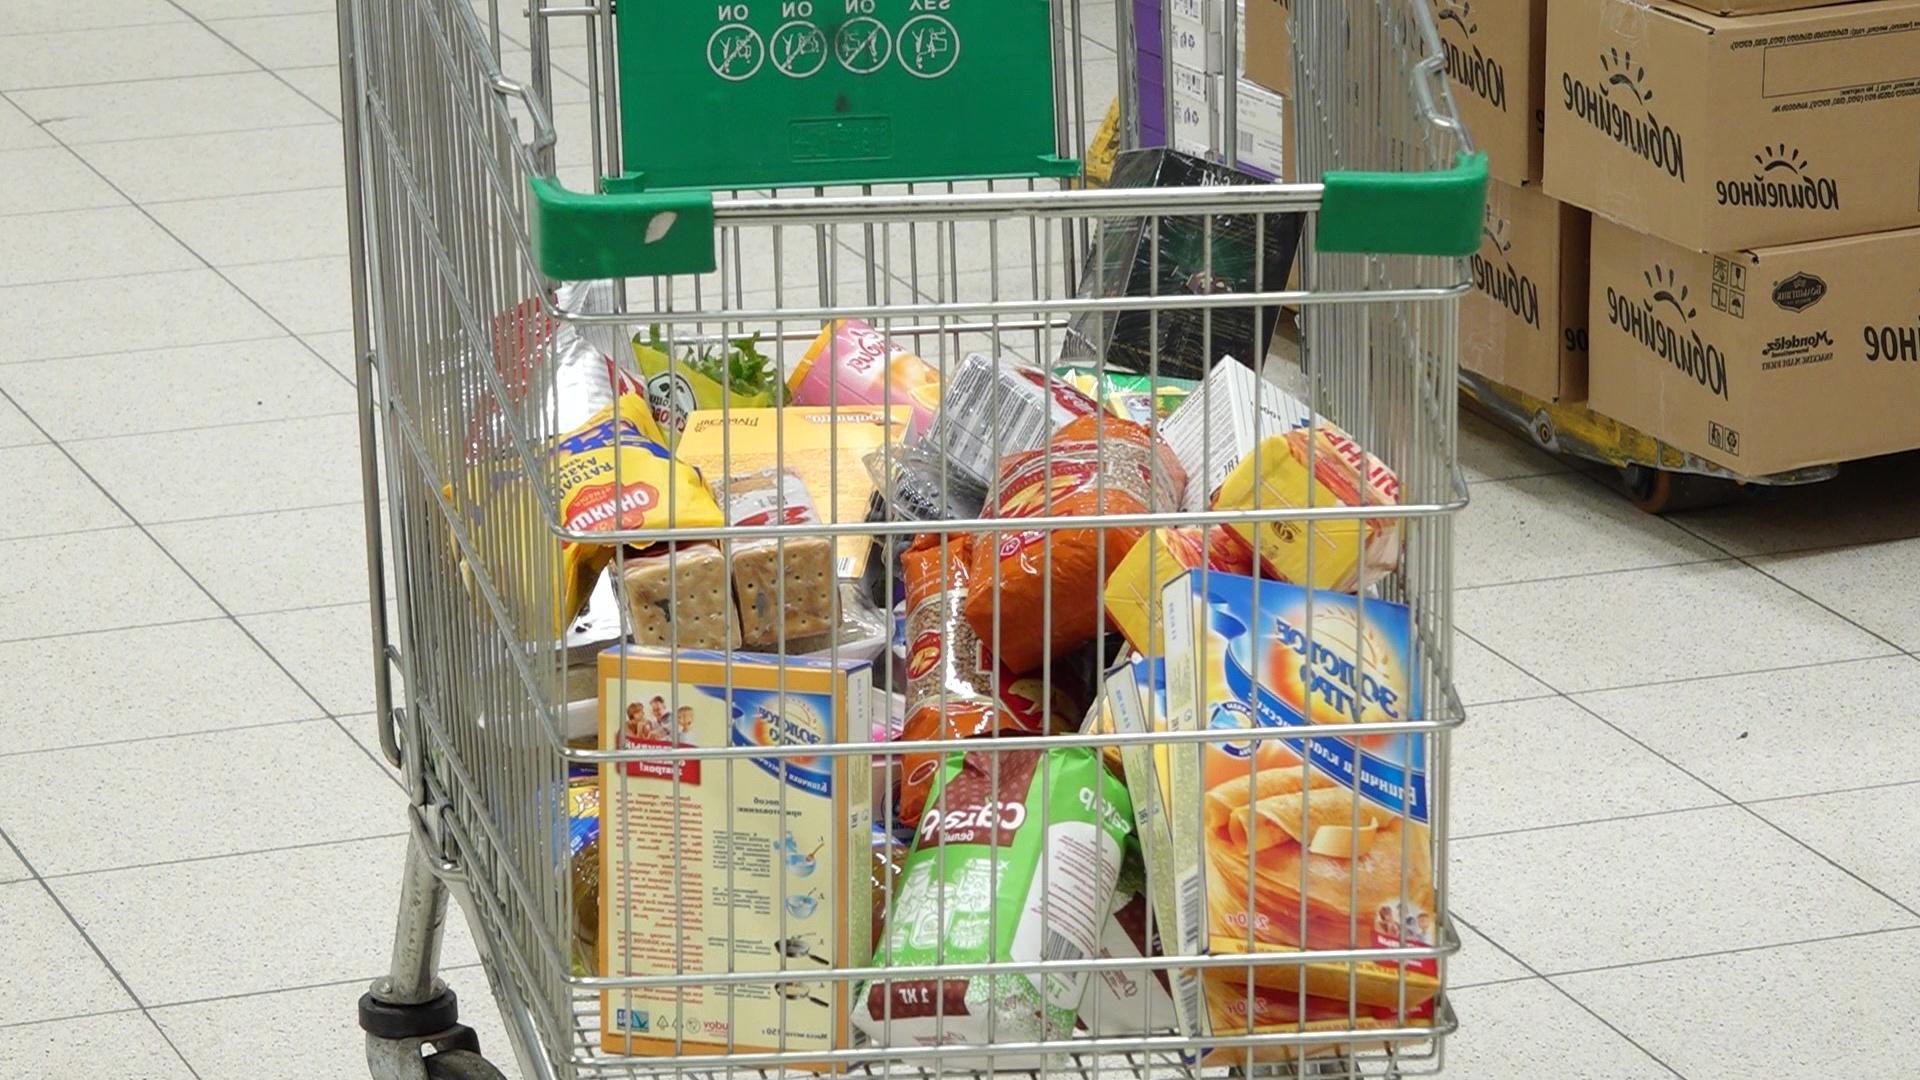 Новости о коронавирусе вызвали ажиотаж в продуктовых магазинах Ярославля: хватит ли на всех тушенки